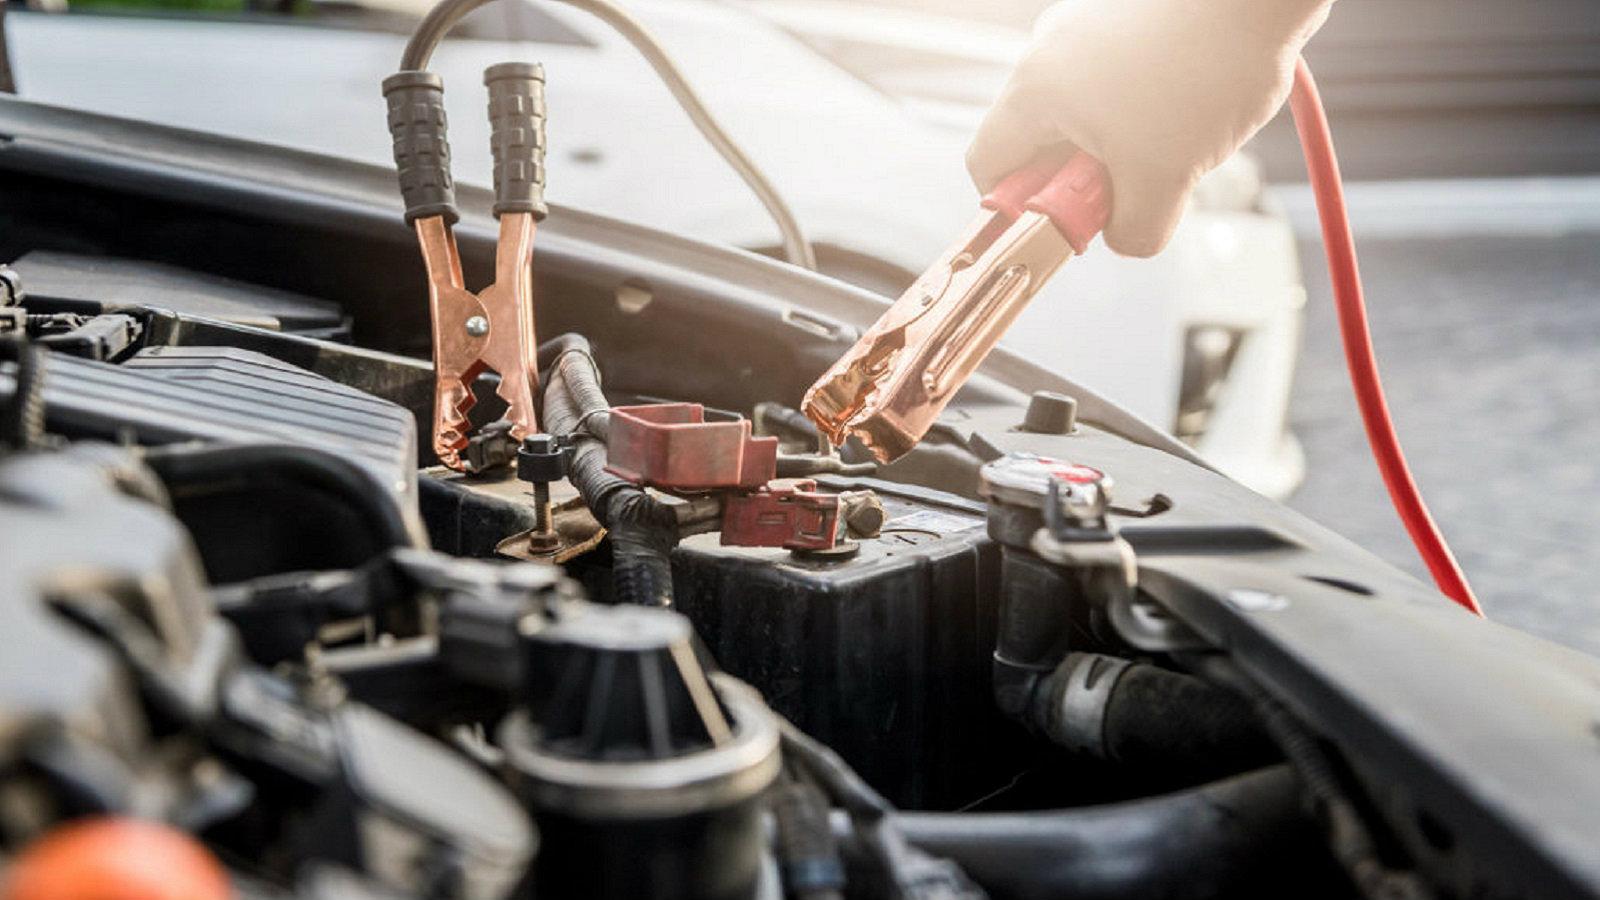 Εάν η μπαταρία του αυτοκινήτου σου αδειάζει γρήγορα ένα από τα πρώτα πράγματα που πρέπει να ελέγξεις είναι τα φώτα